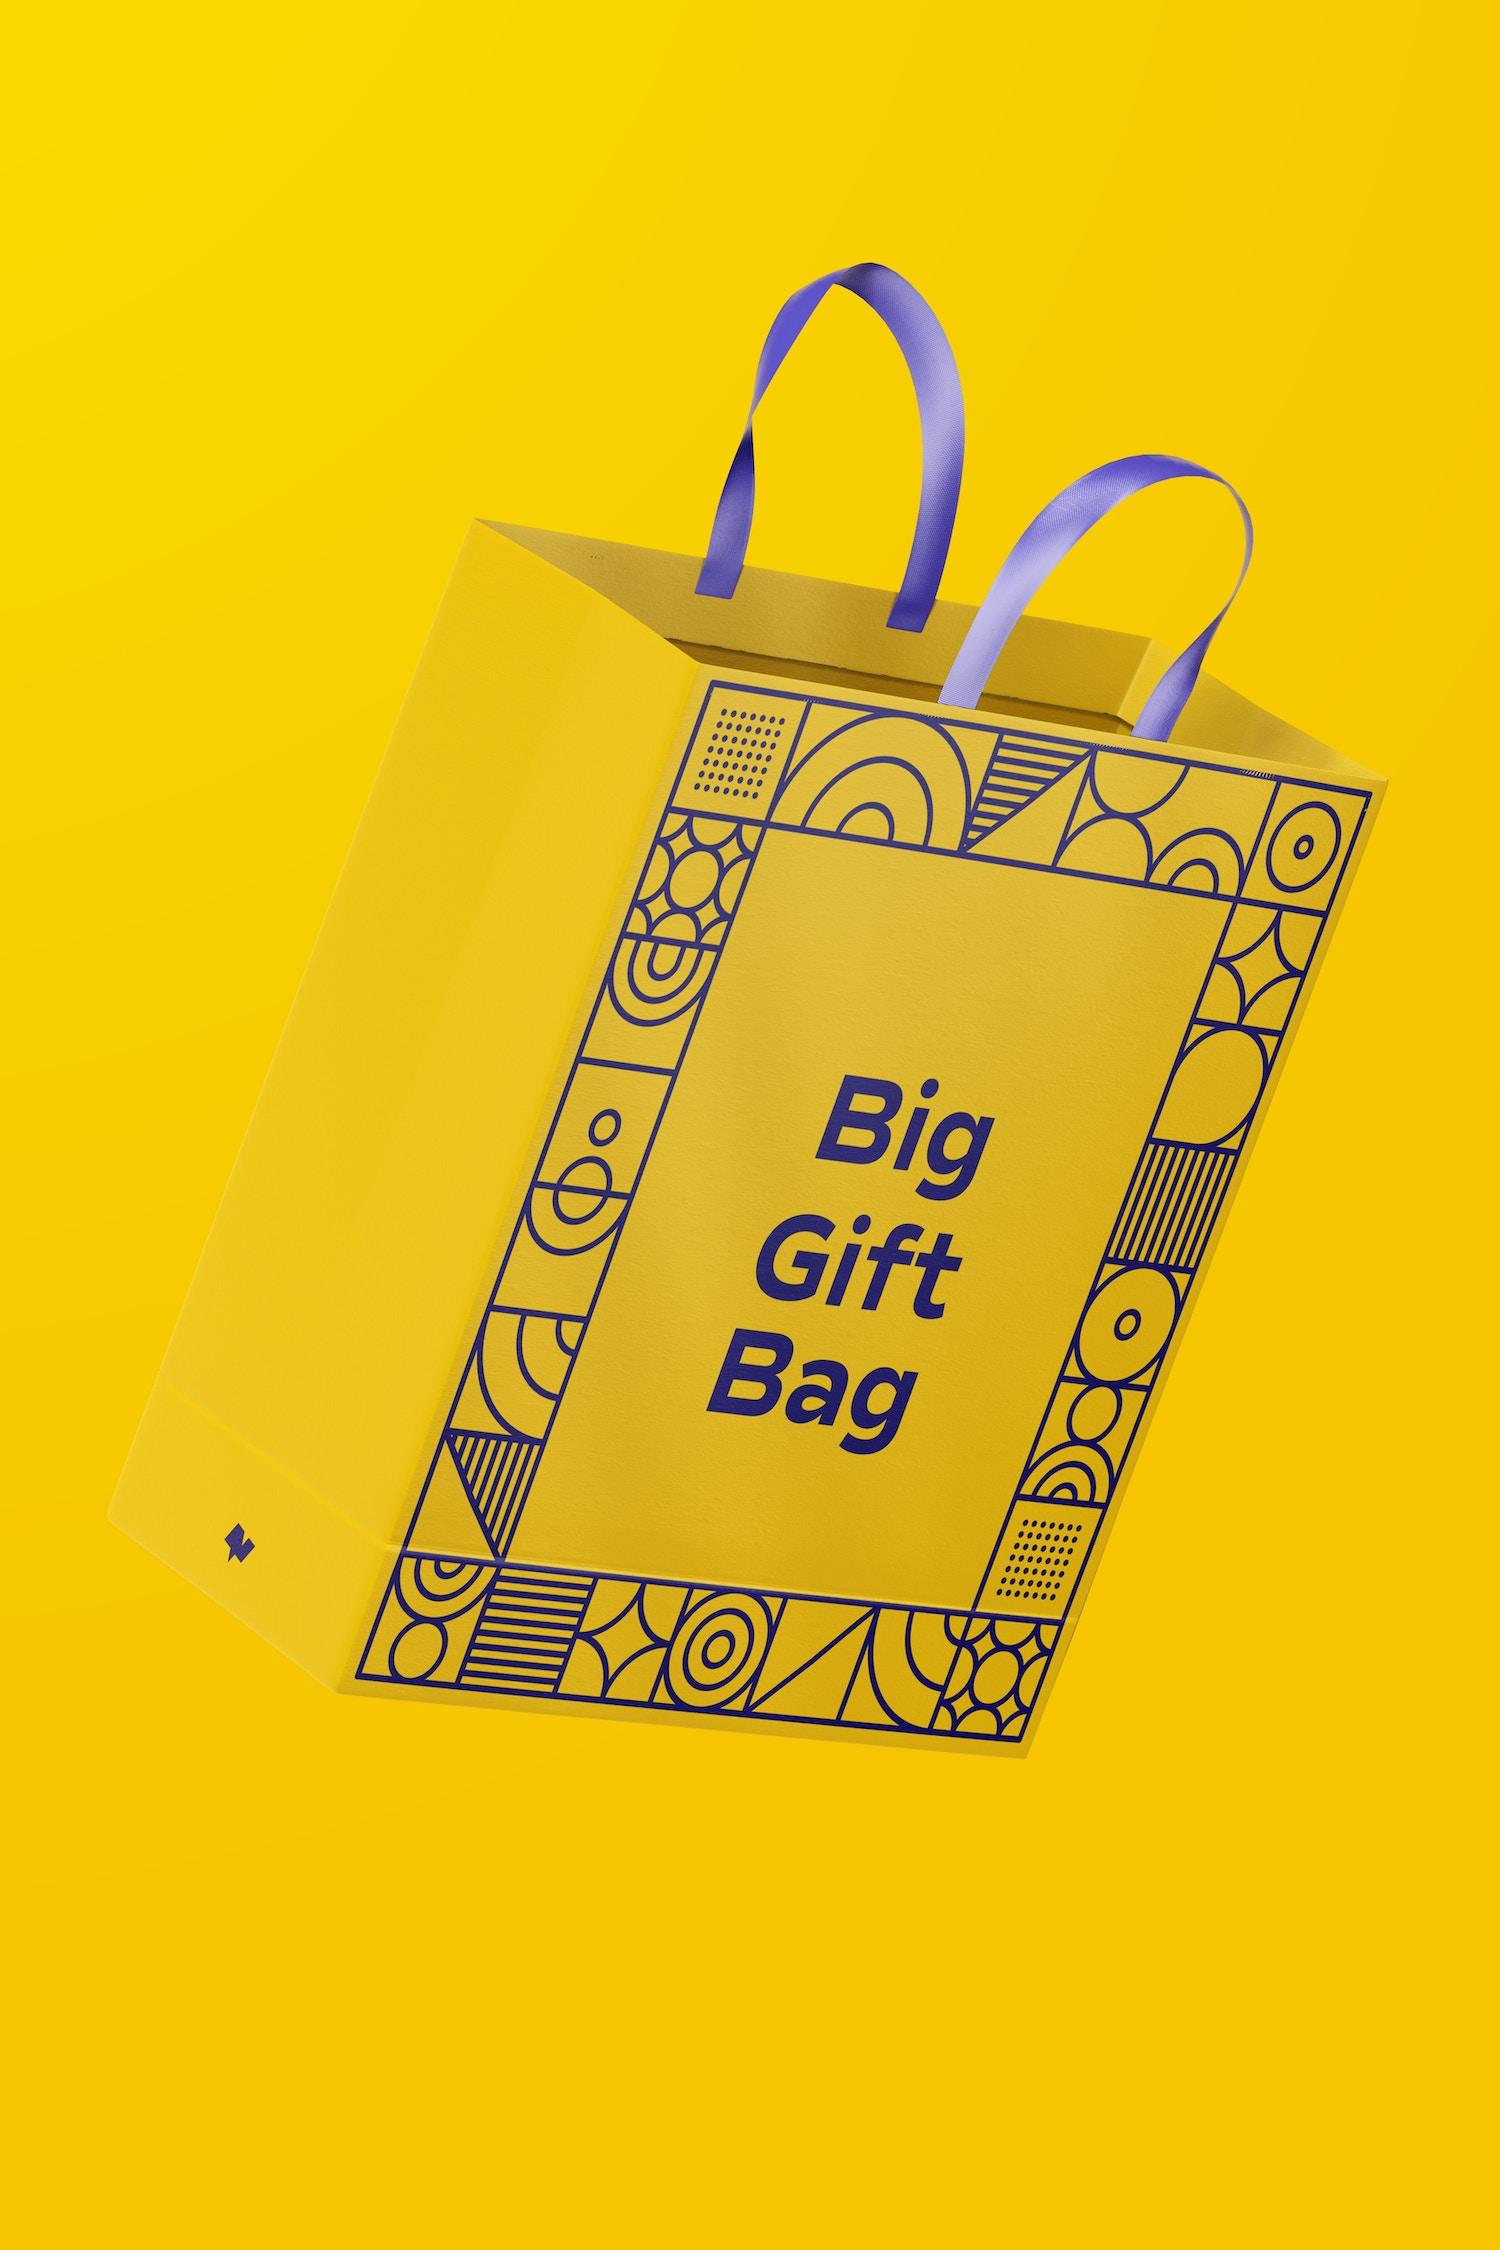 Big Gift Bag With Ribbon Handle Mockup, Falling